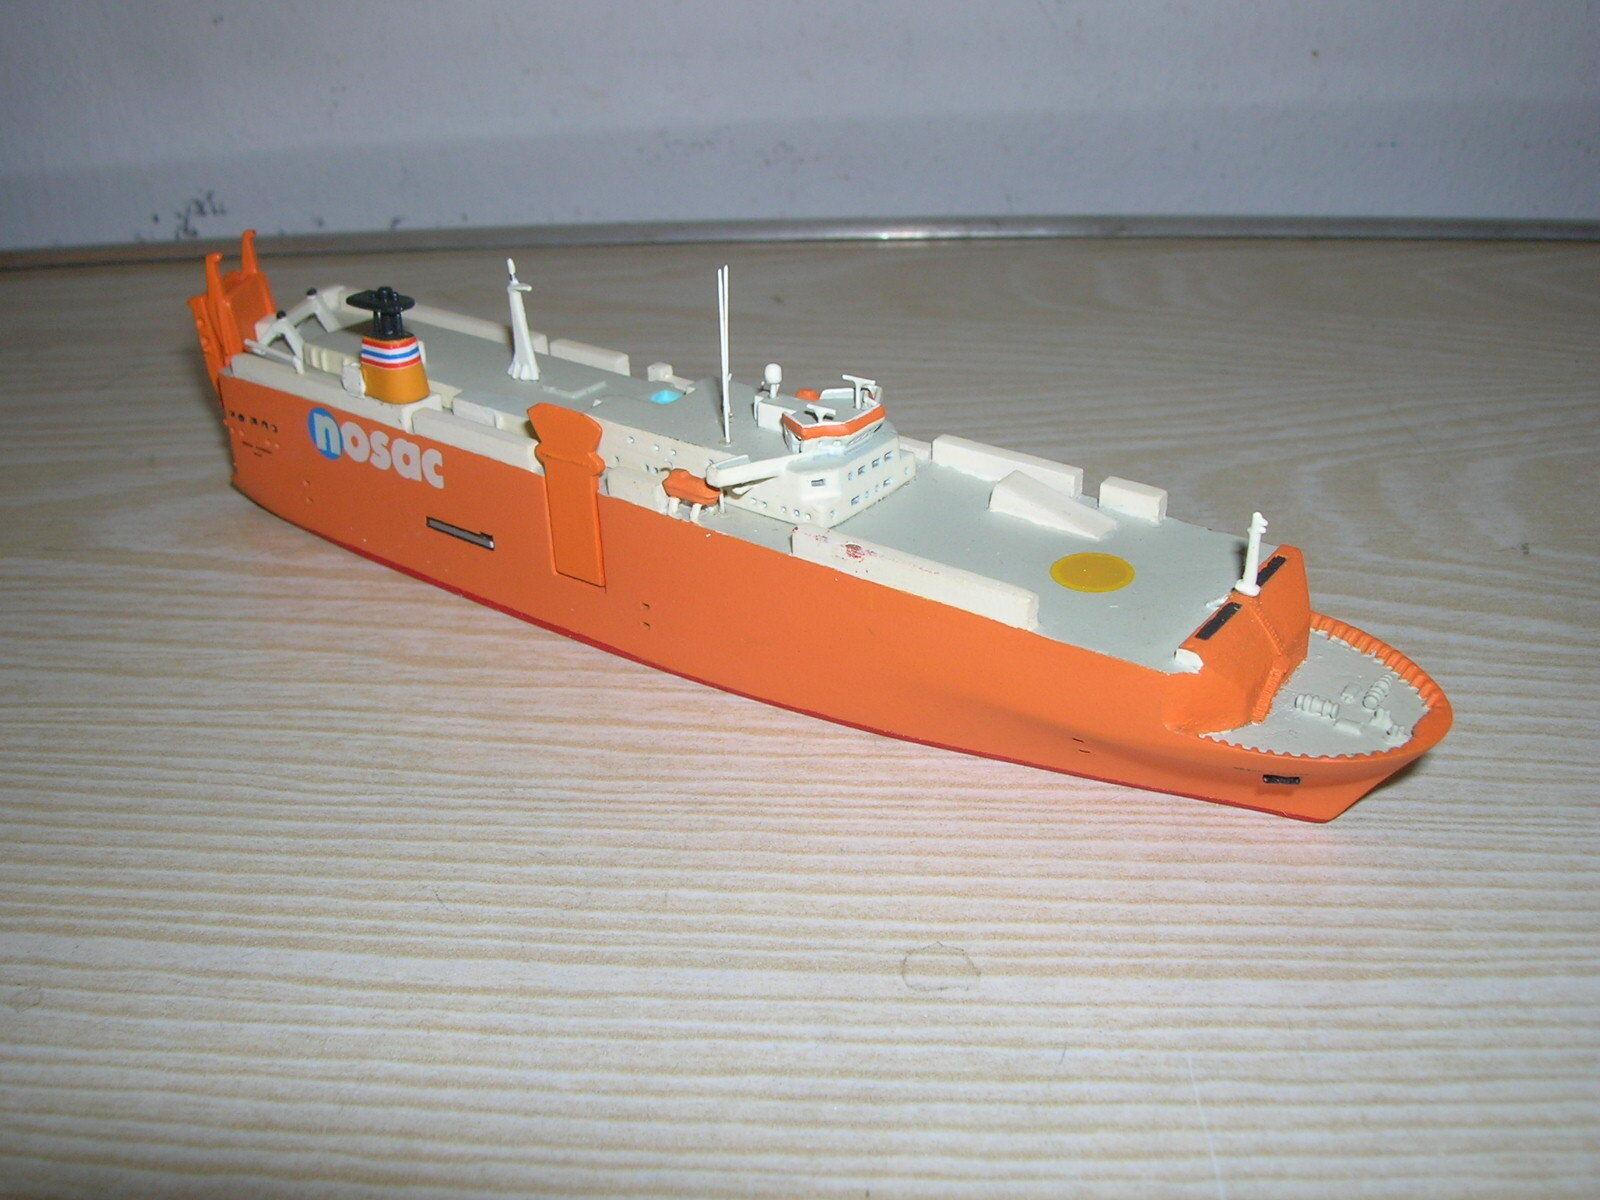 el estilo clásico Modelo barco Coche Cocherier    nosac express  - modelo en 1 1250  gran venta